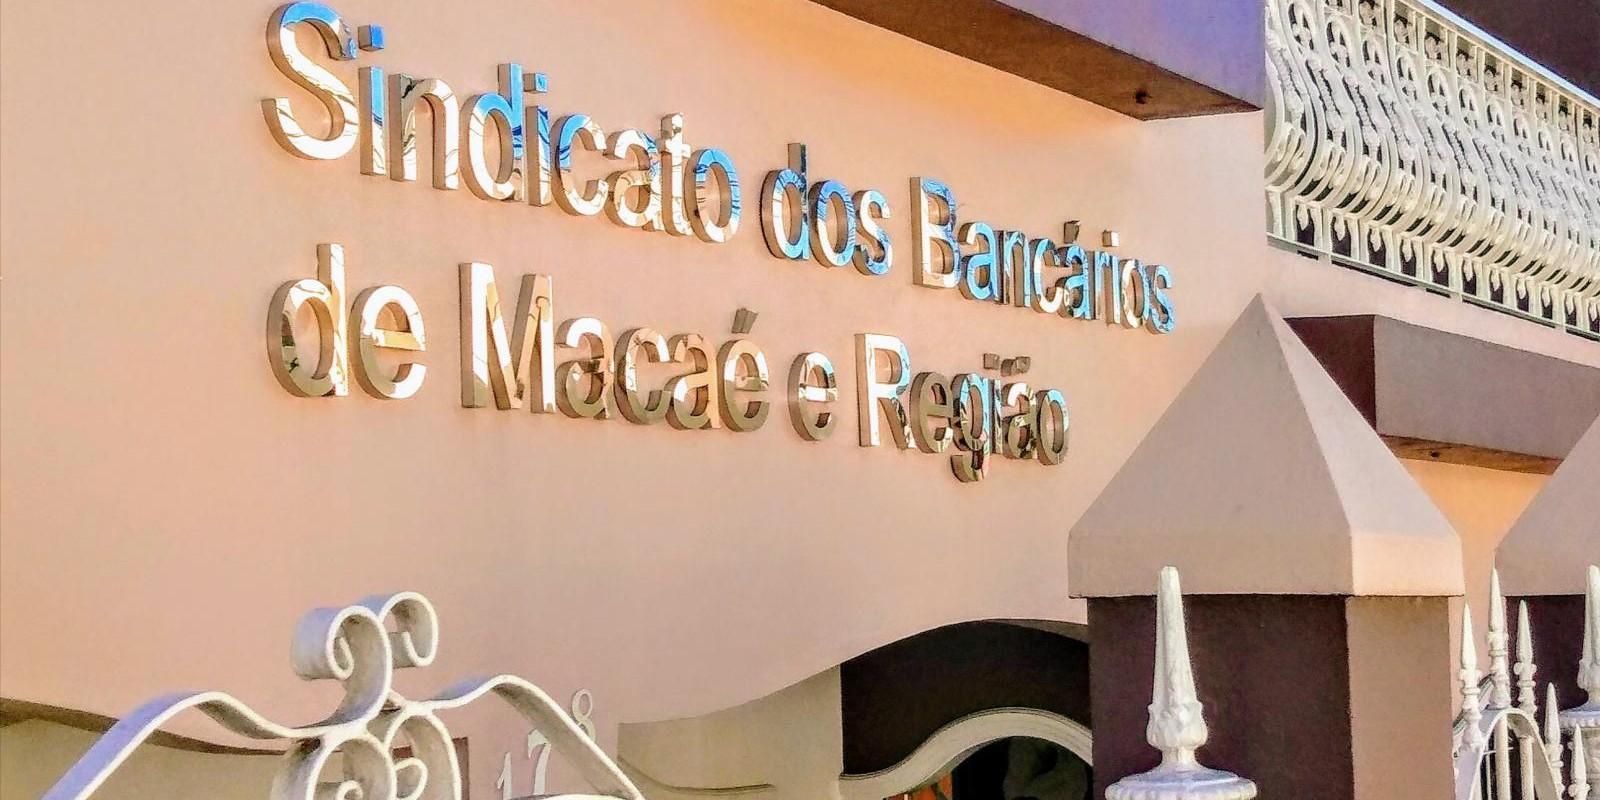 Sindicato dos Bancários de Macaé e Região: 28 Anos de lutas e Conquistas